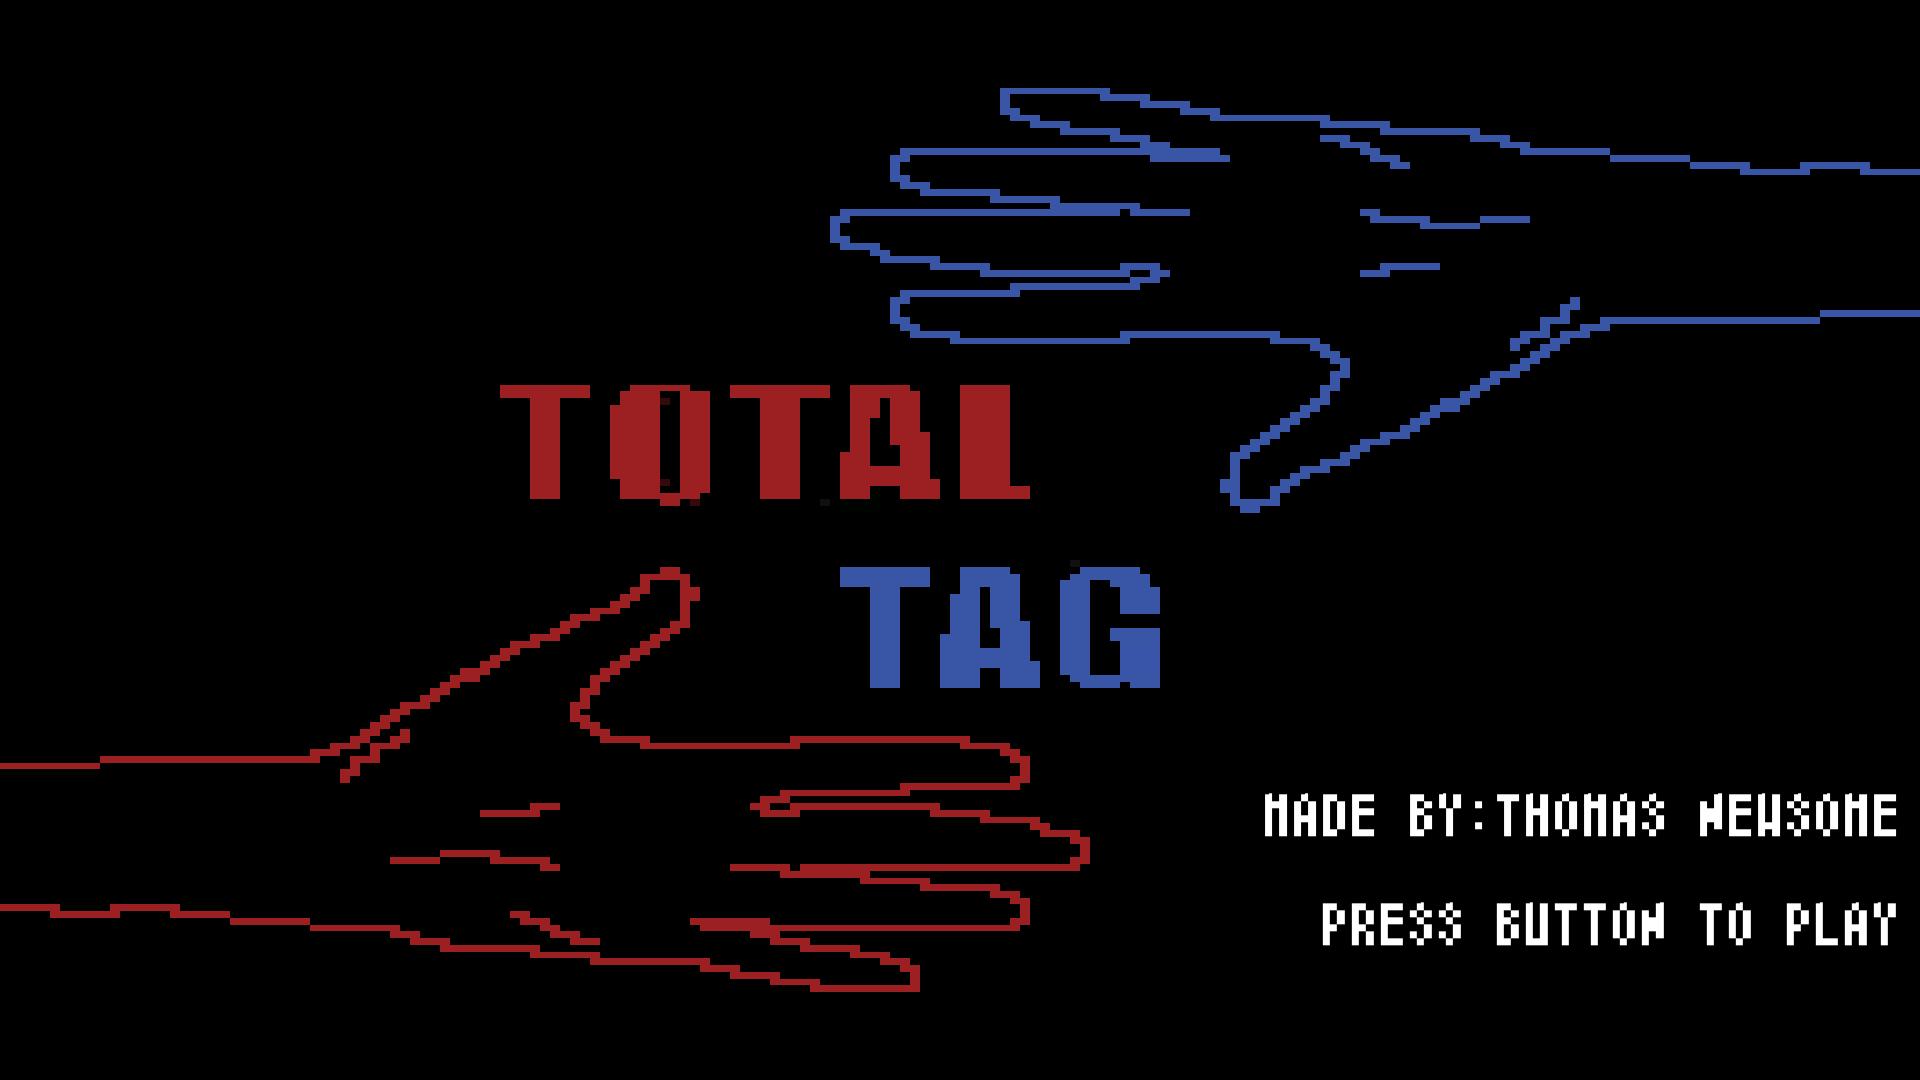 Total Tag